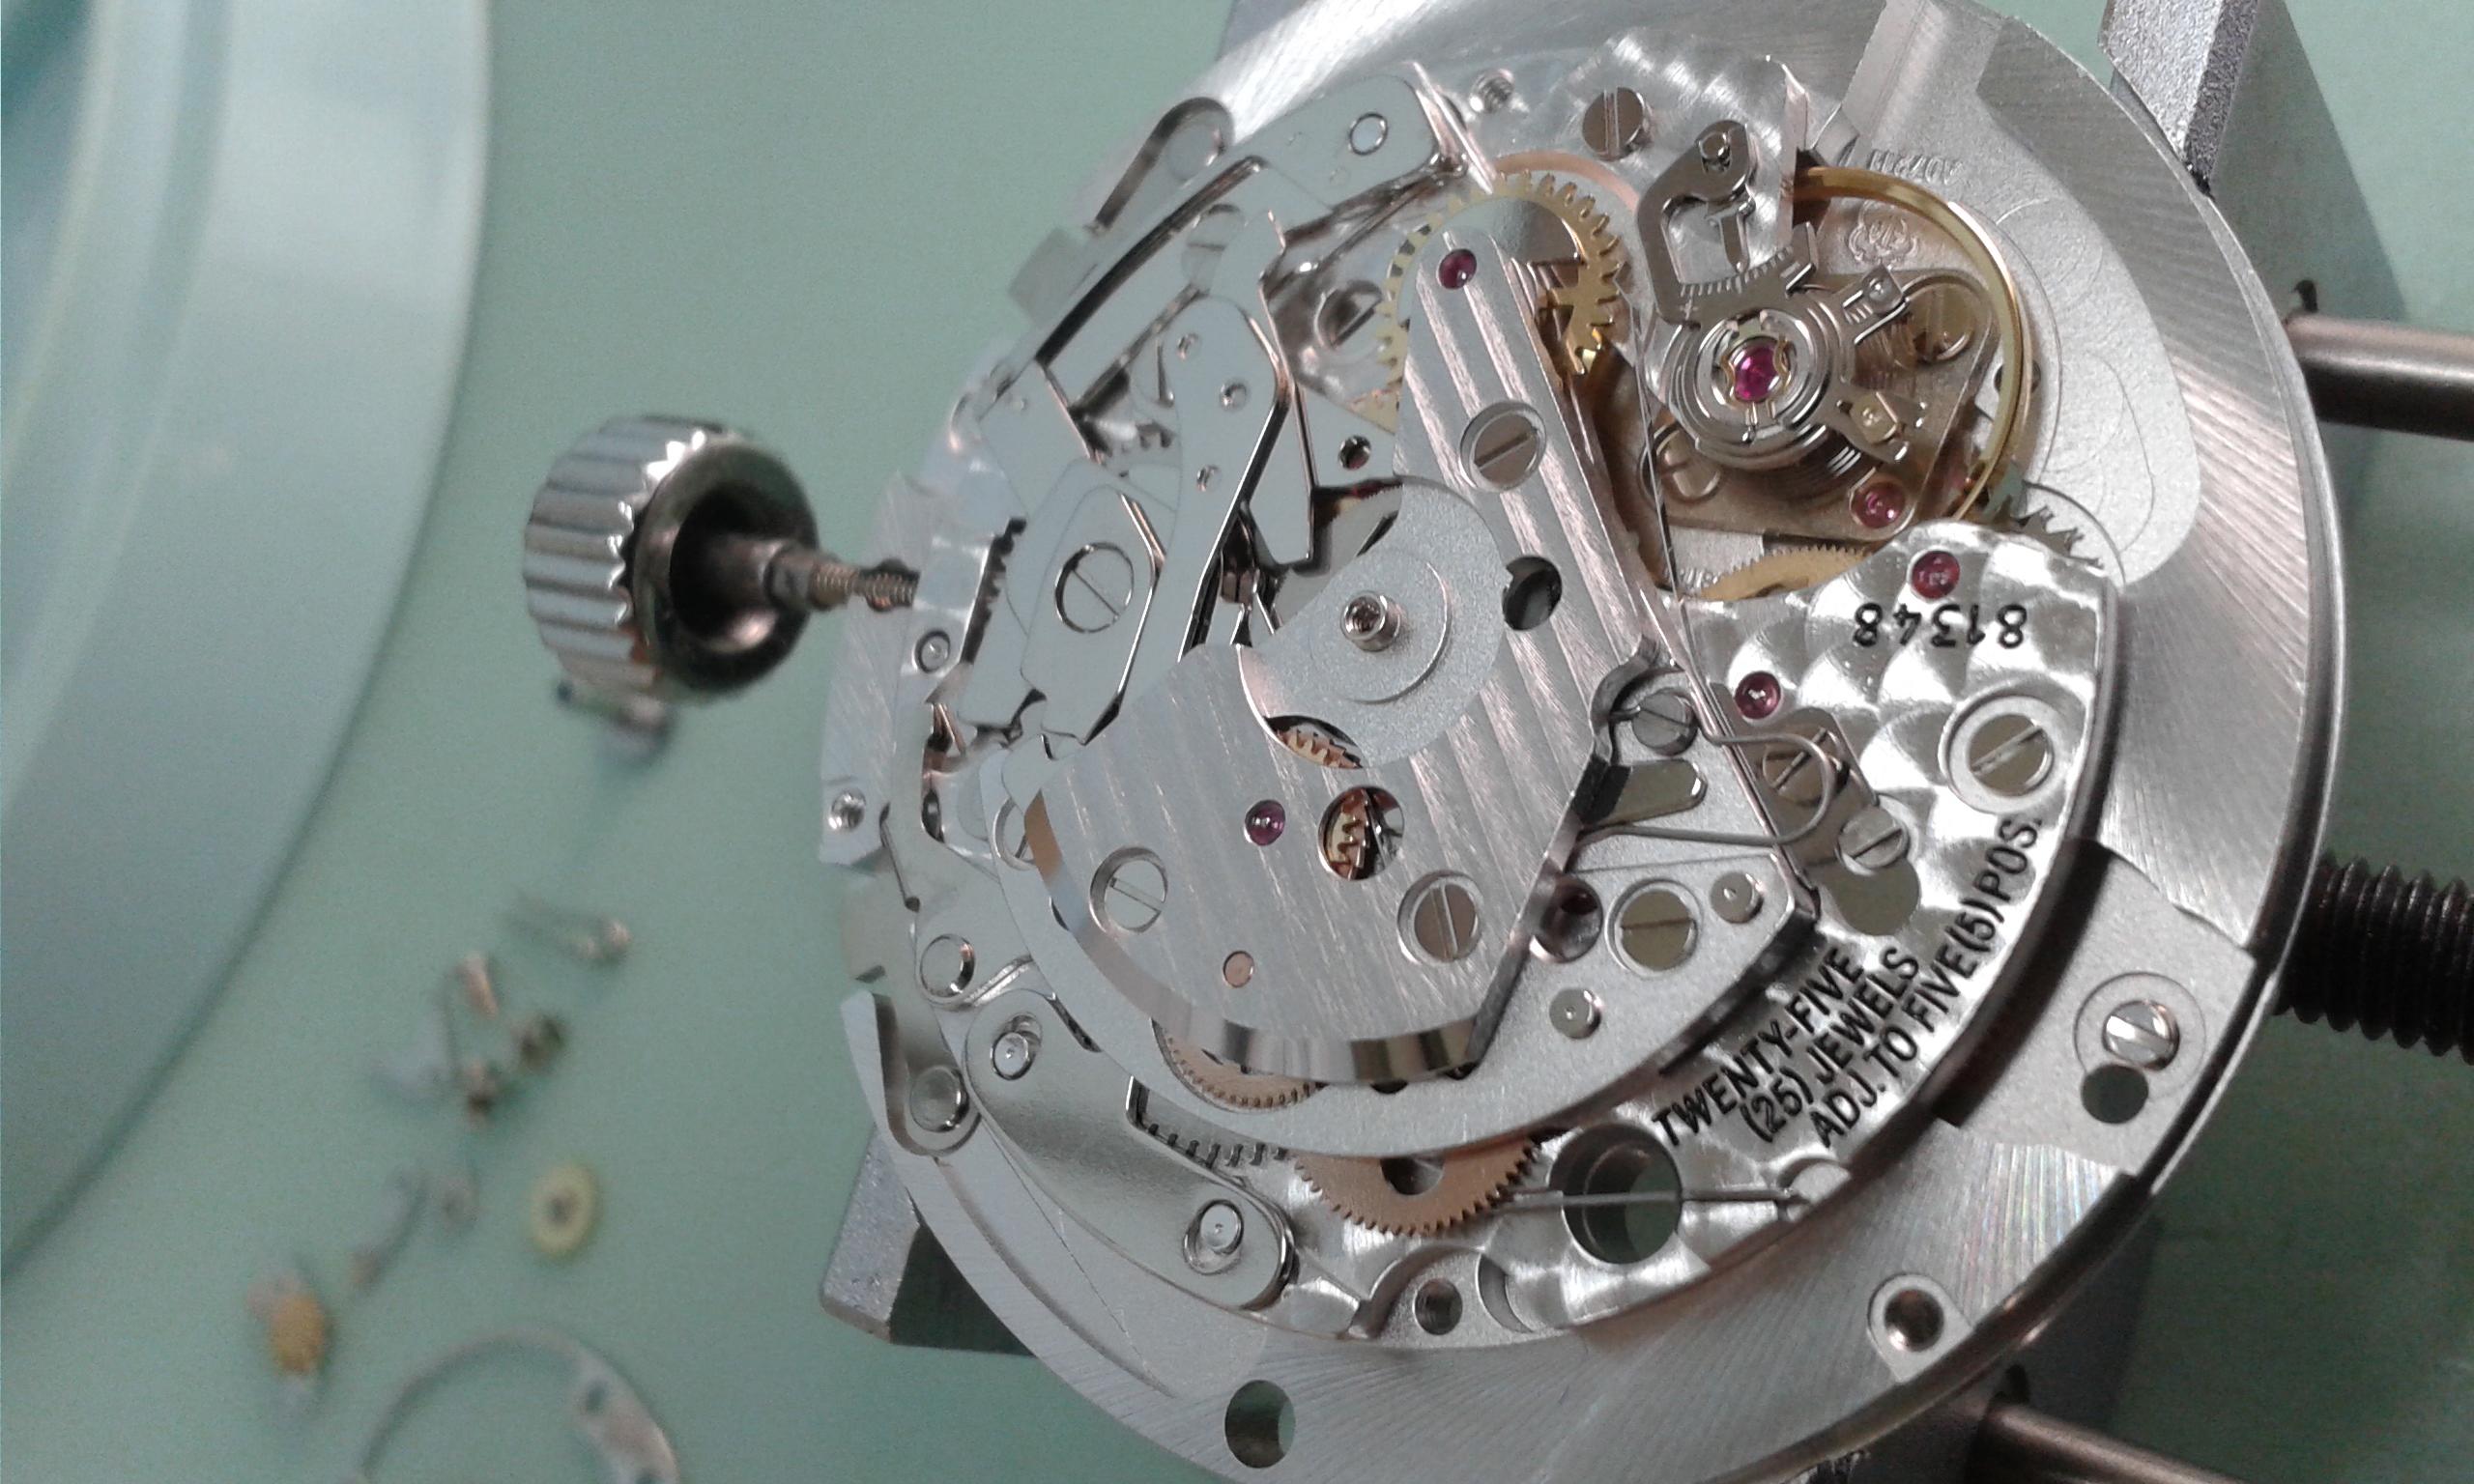 Taller Carlos Nicolás Relojeros - Reloj - Maestros Relojeros desde 1935